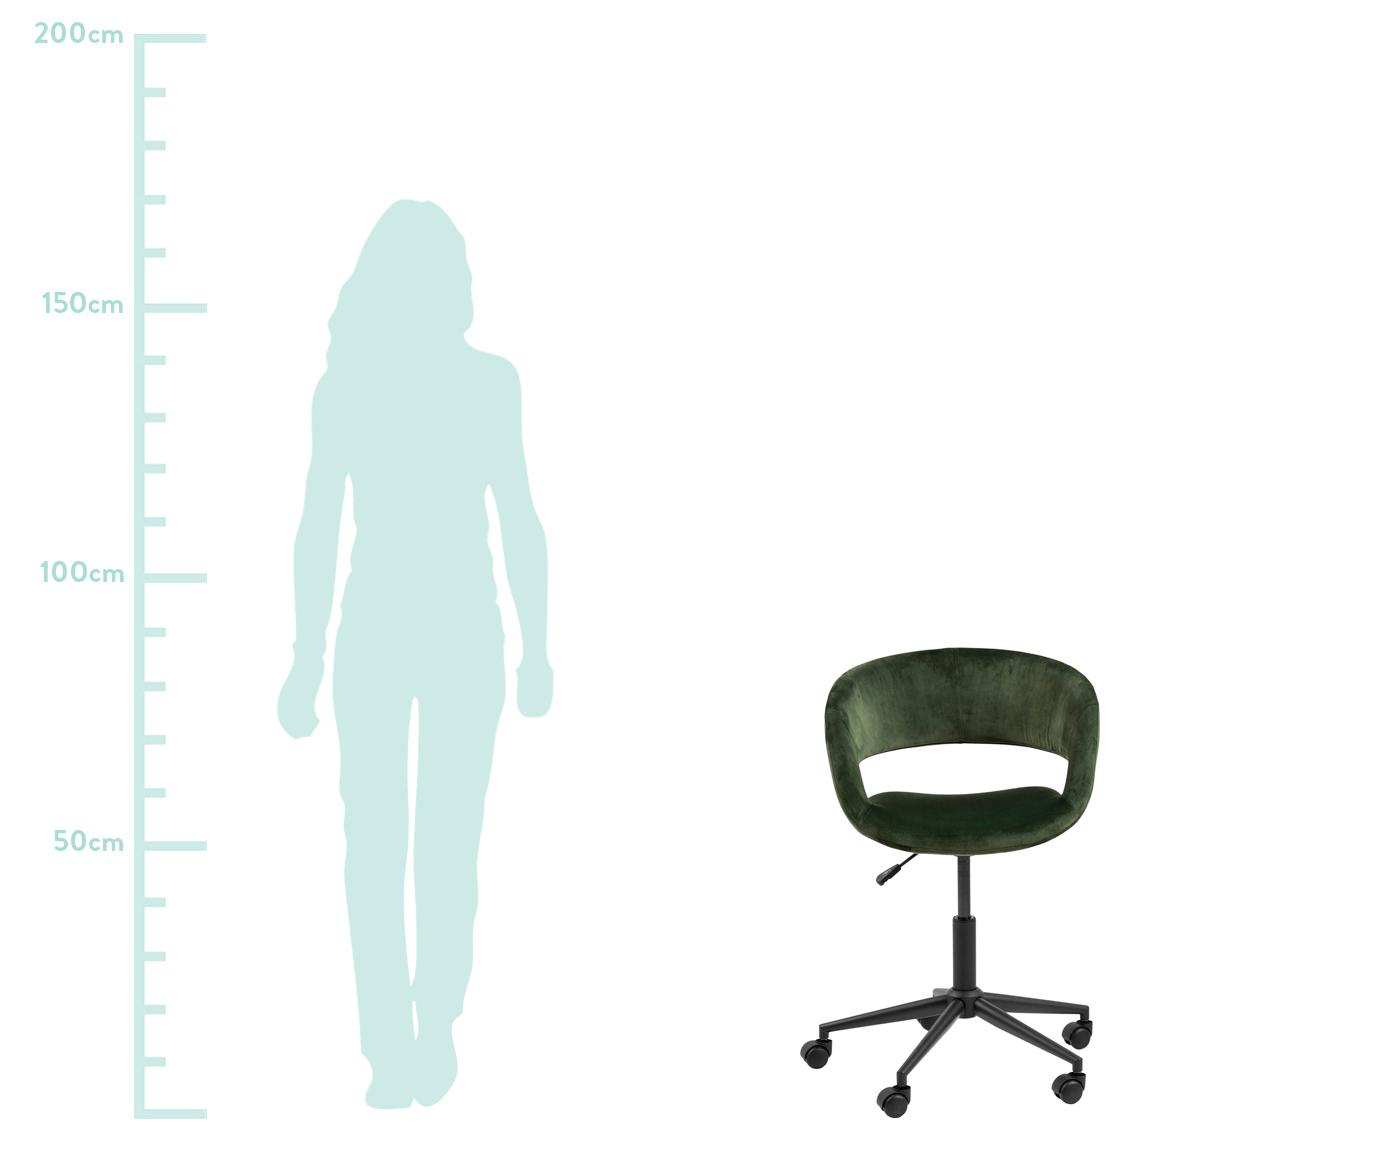 Fluwelen bureaustoel Grace, in hoogte verstelbaar, Bekleding: polyester fluweel, Frame: gepoedercoat metaal, Fluweel bosgroen, 56 x 54 cm